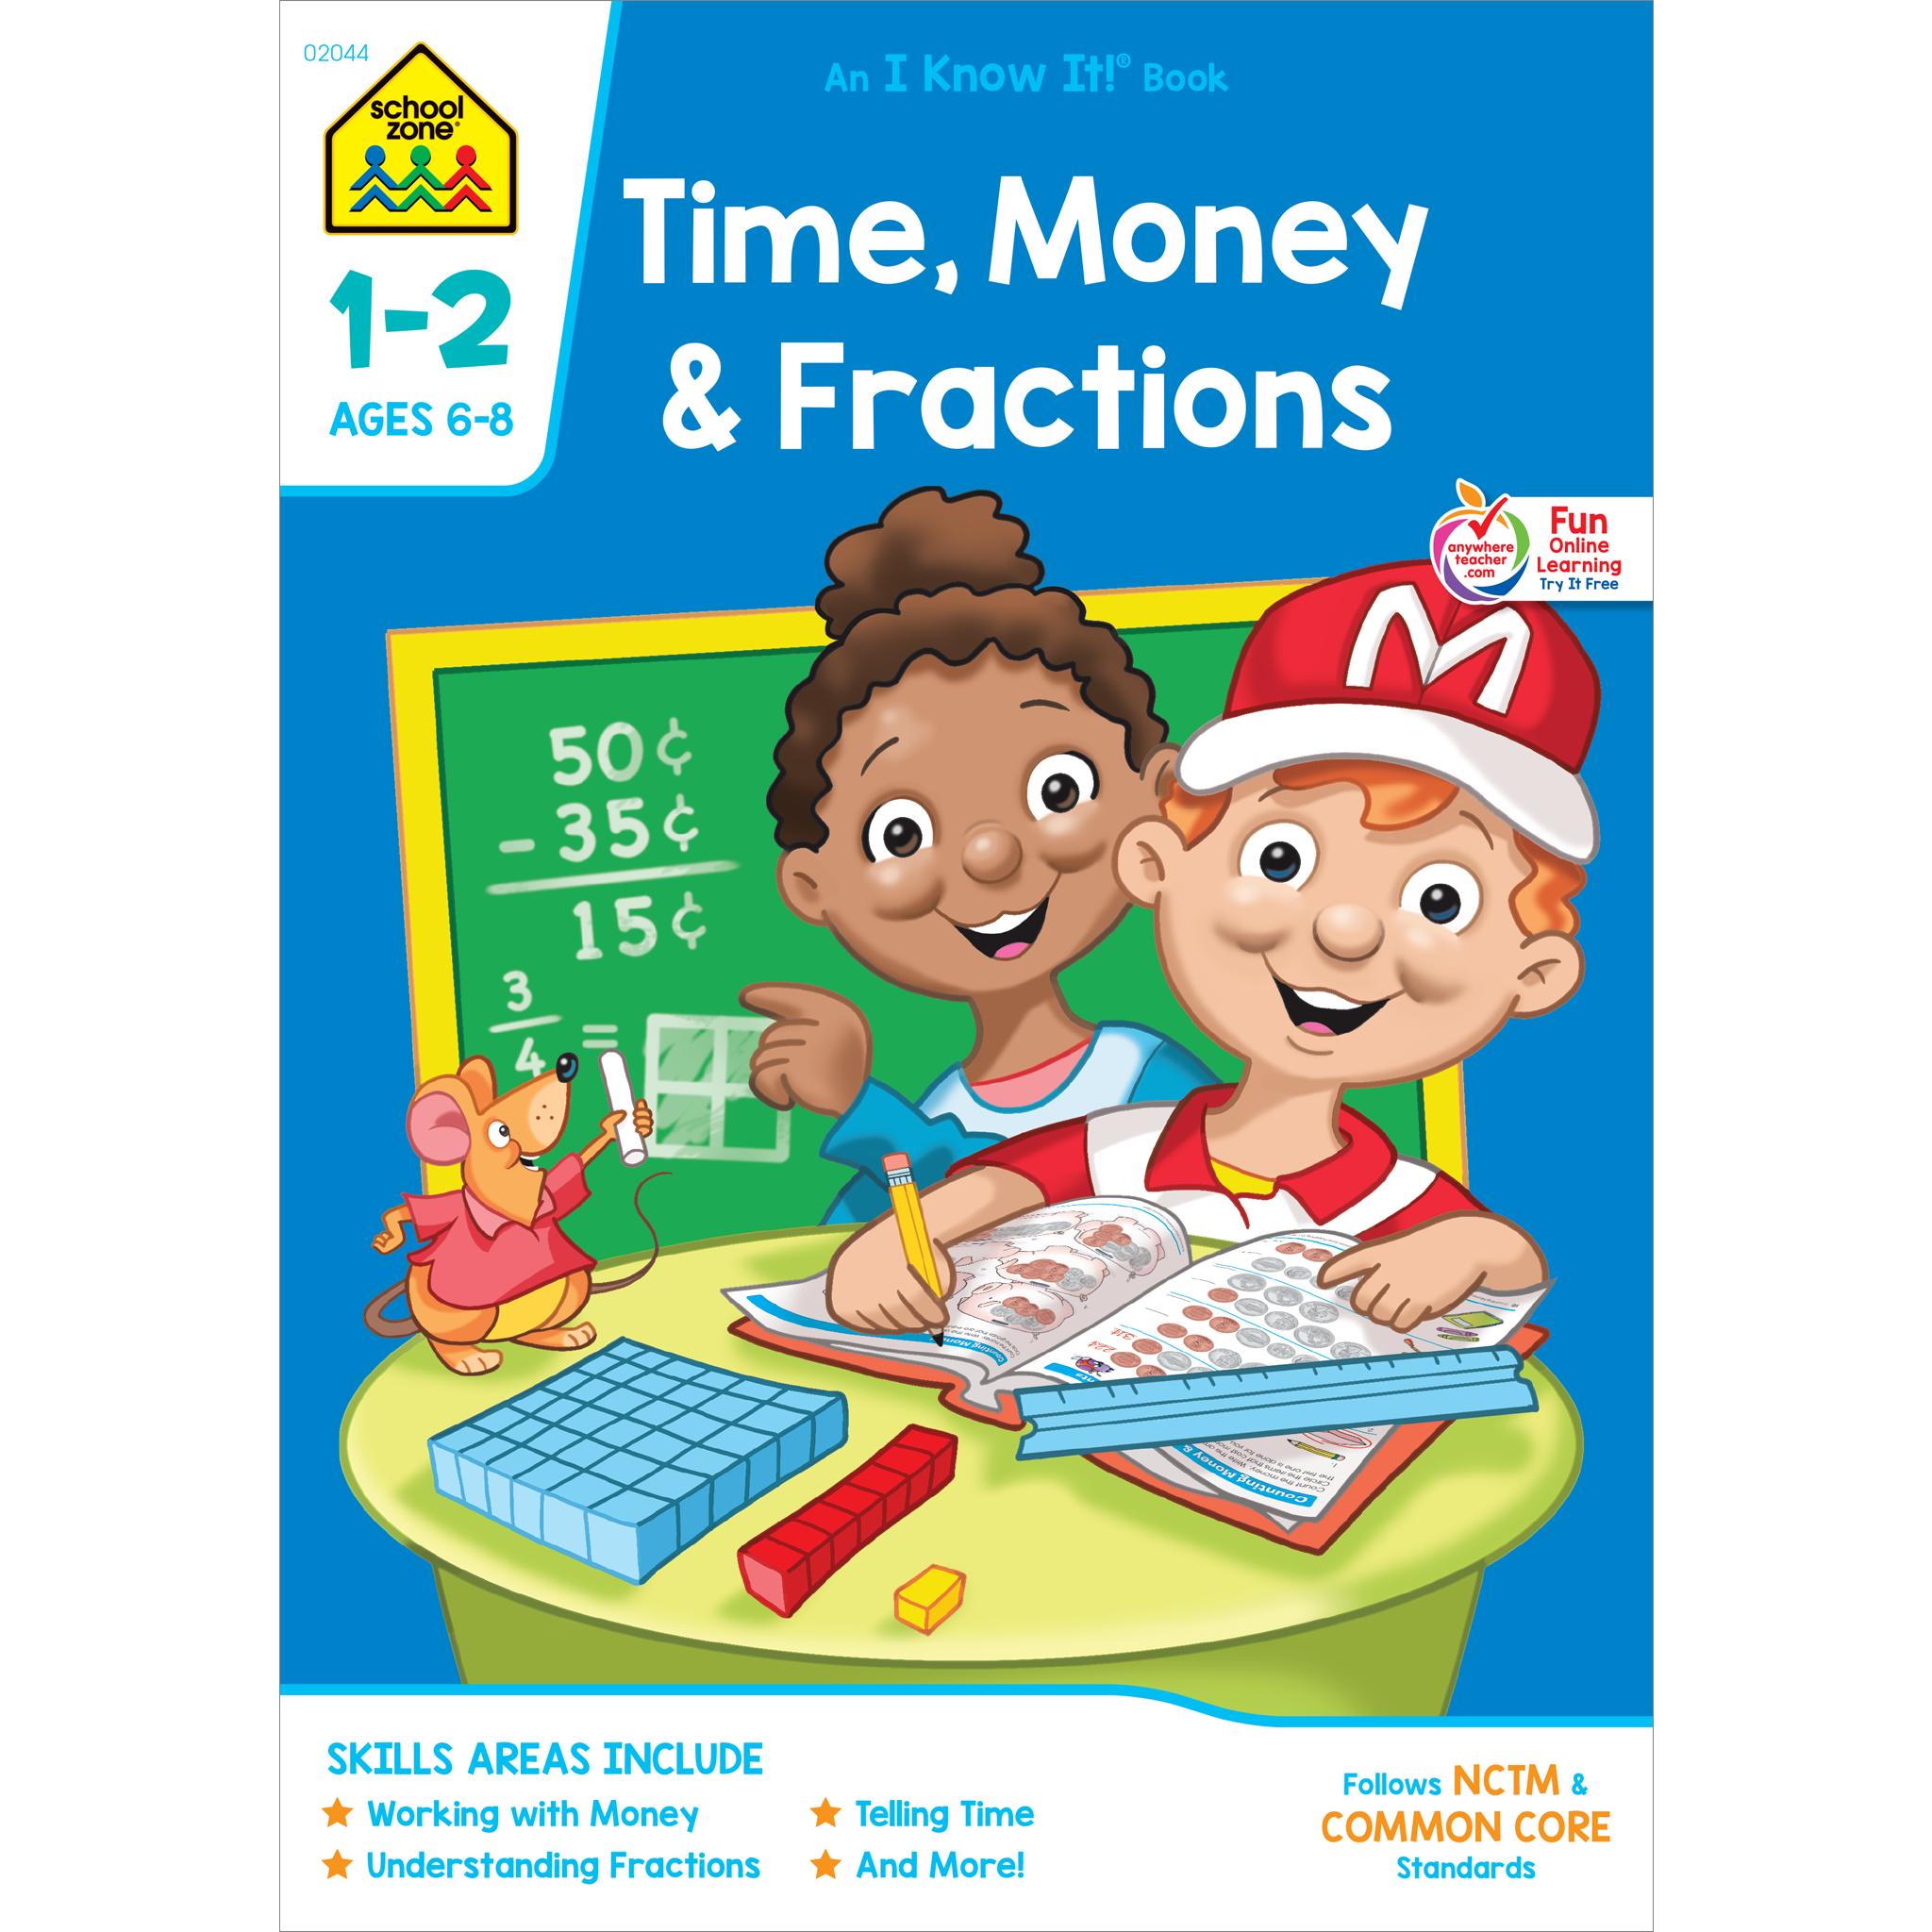 Fraction clipart preschool. Time money fractions workbook